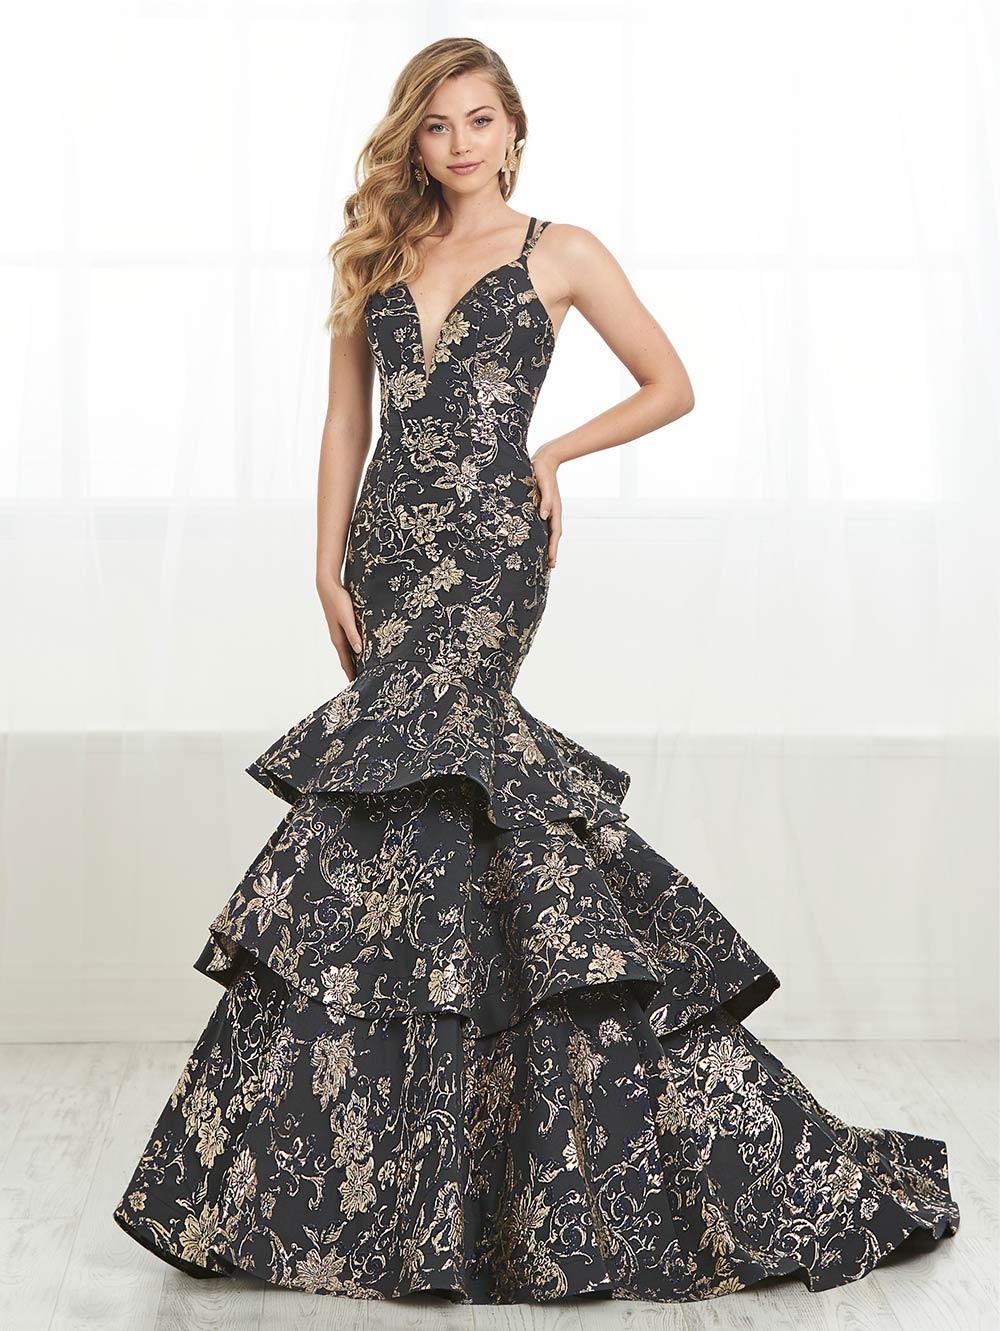 prom-dresses-jacquelin-bridals-canada-27883